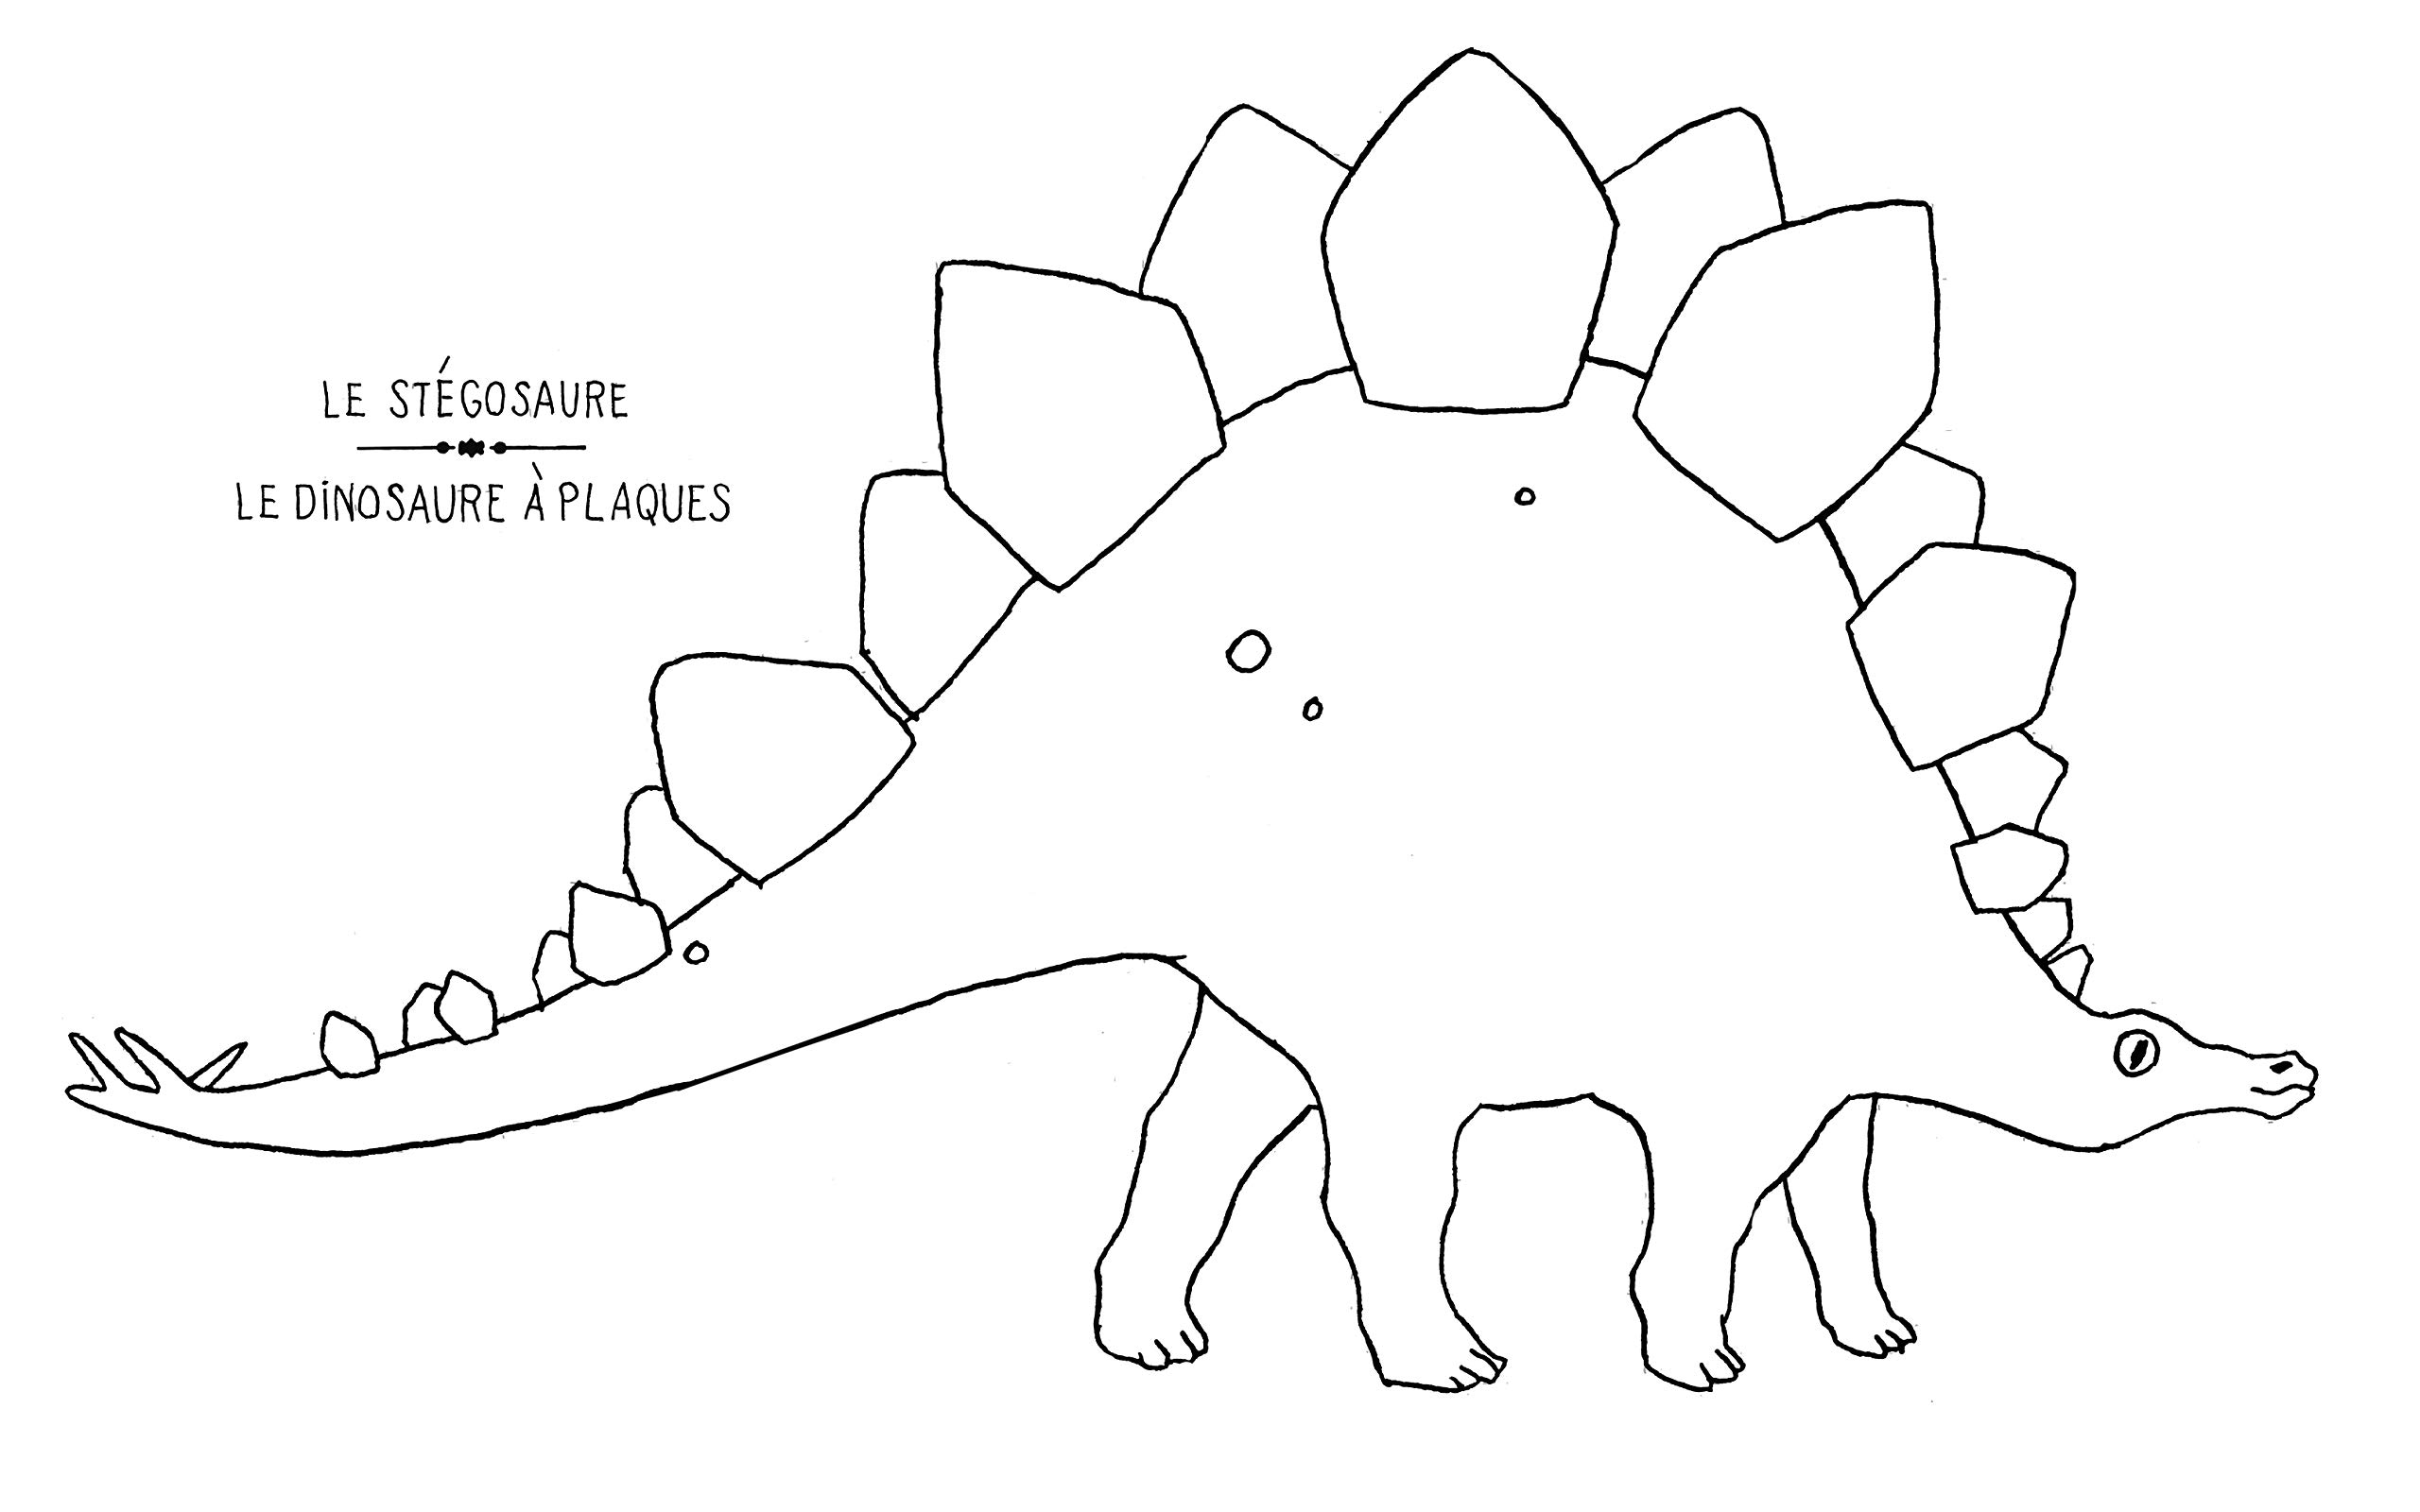 Coloriage Dinosaure Noel.Cahier De Dessin Anime Les Dinosaures Album 17 Novembre